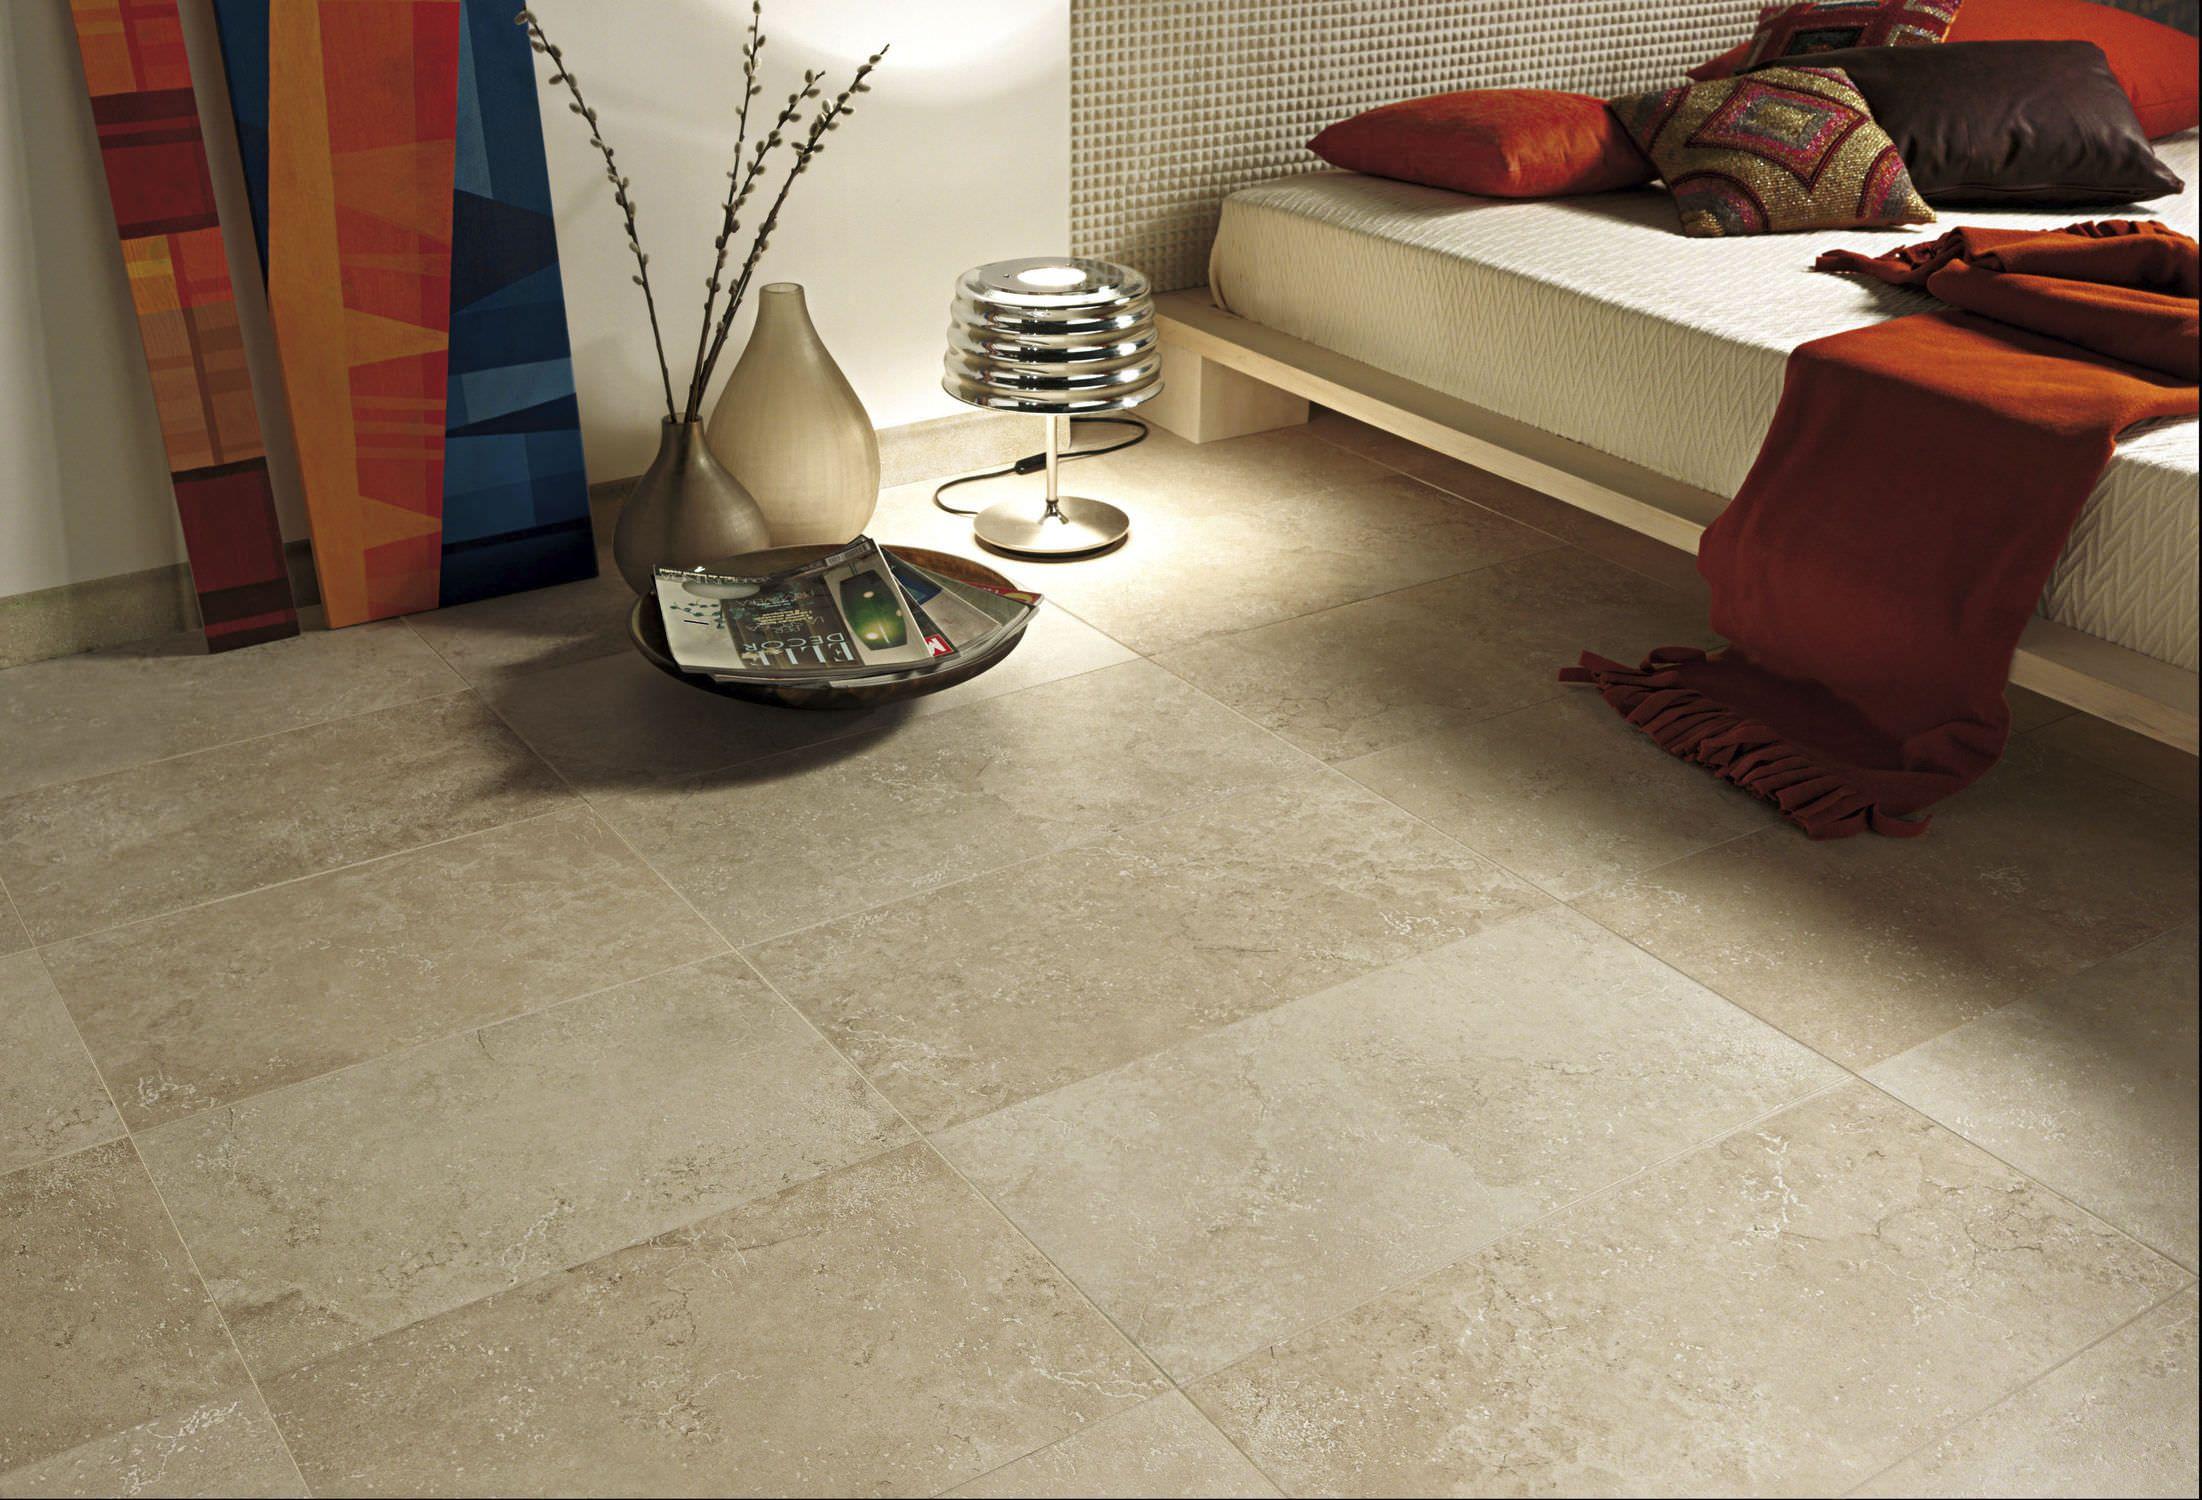 Lovely Tile For Basement Concrete Floor Part 12 - Bedroom Tile